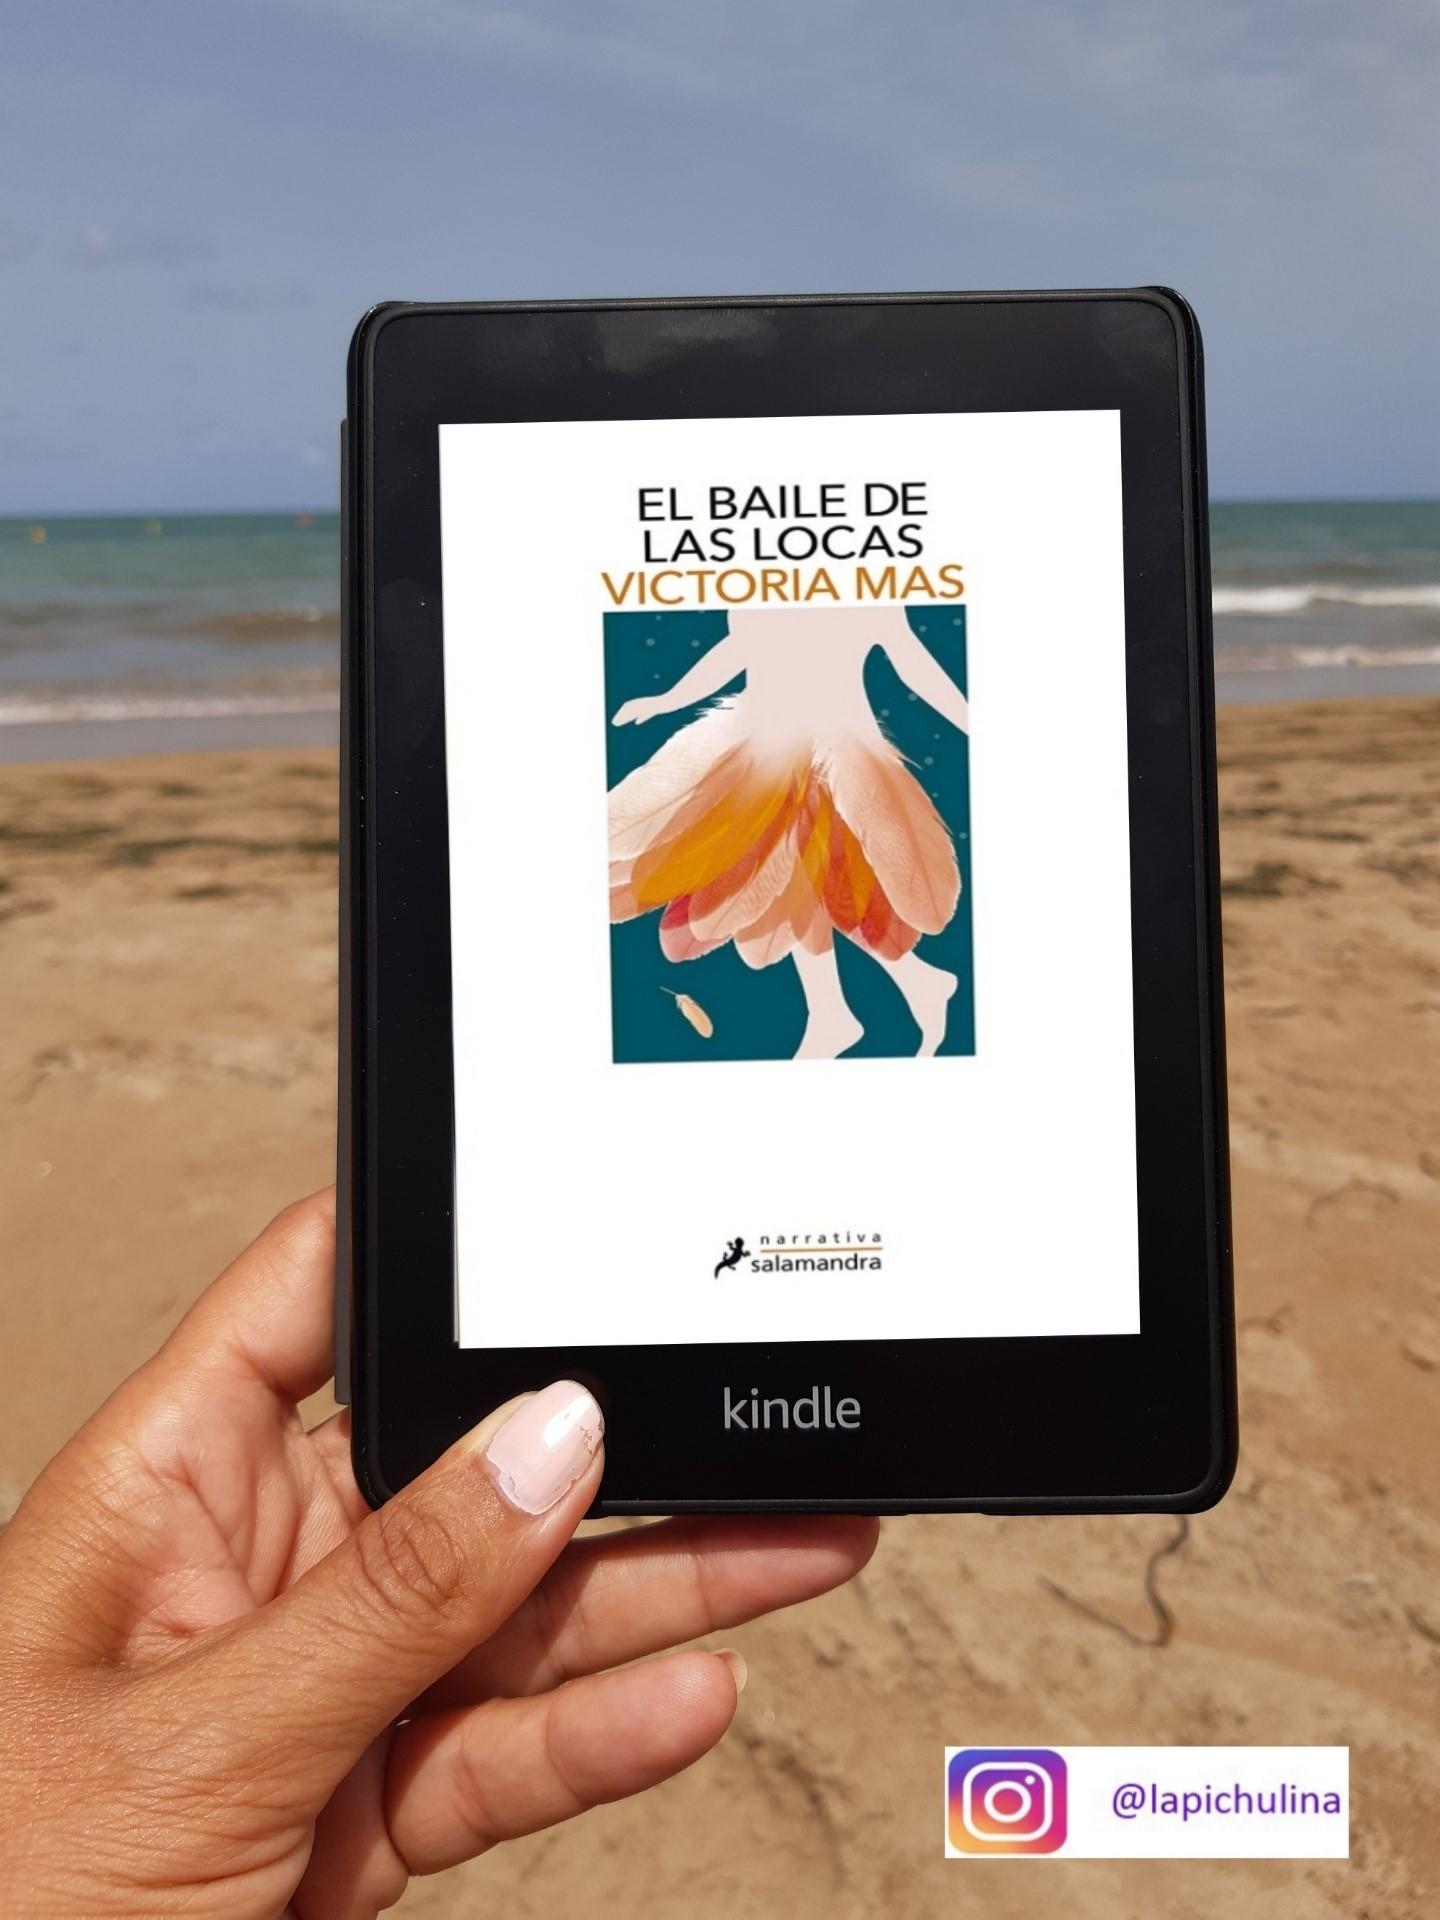 «EL BAILE DE LAS LOCAS», de Victoria Mas